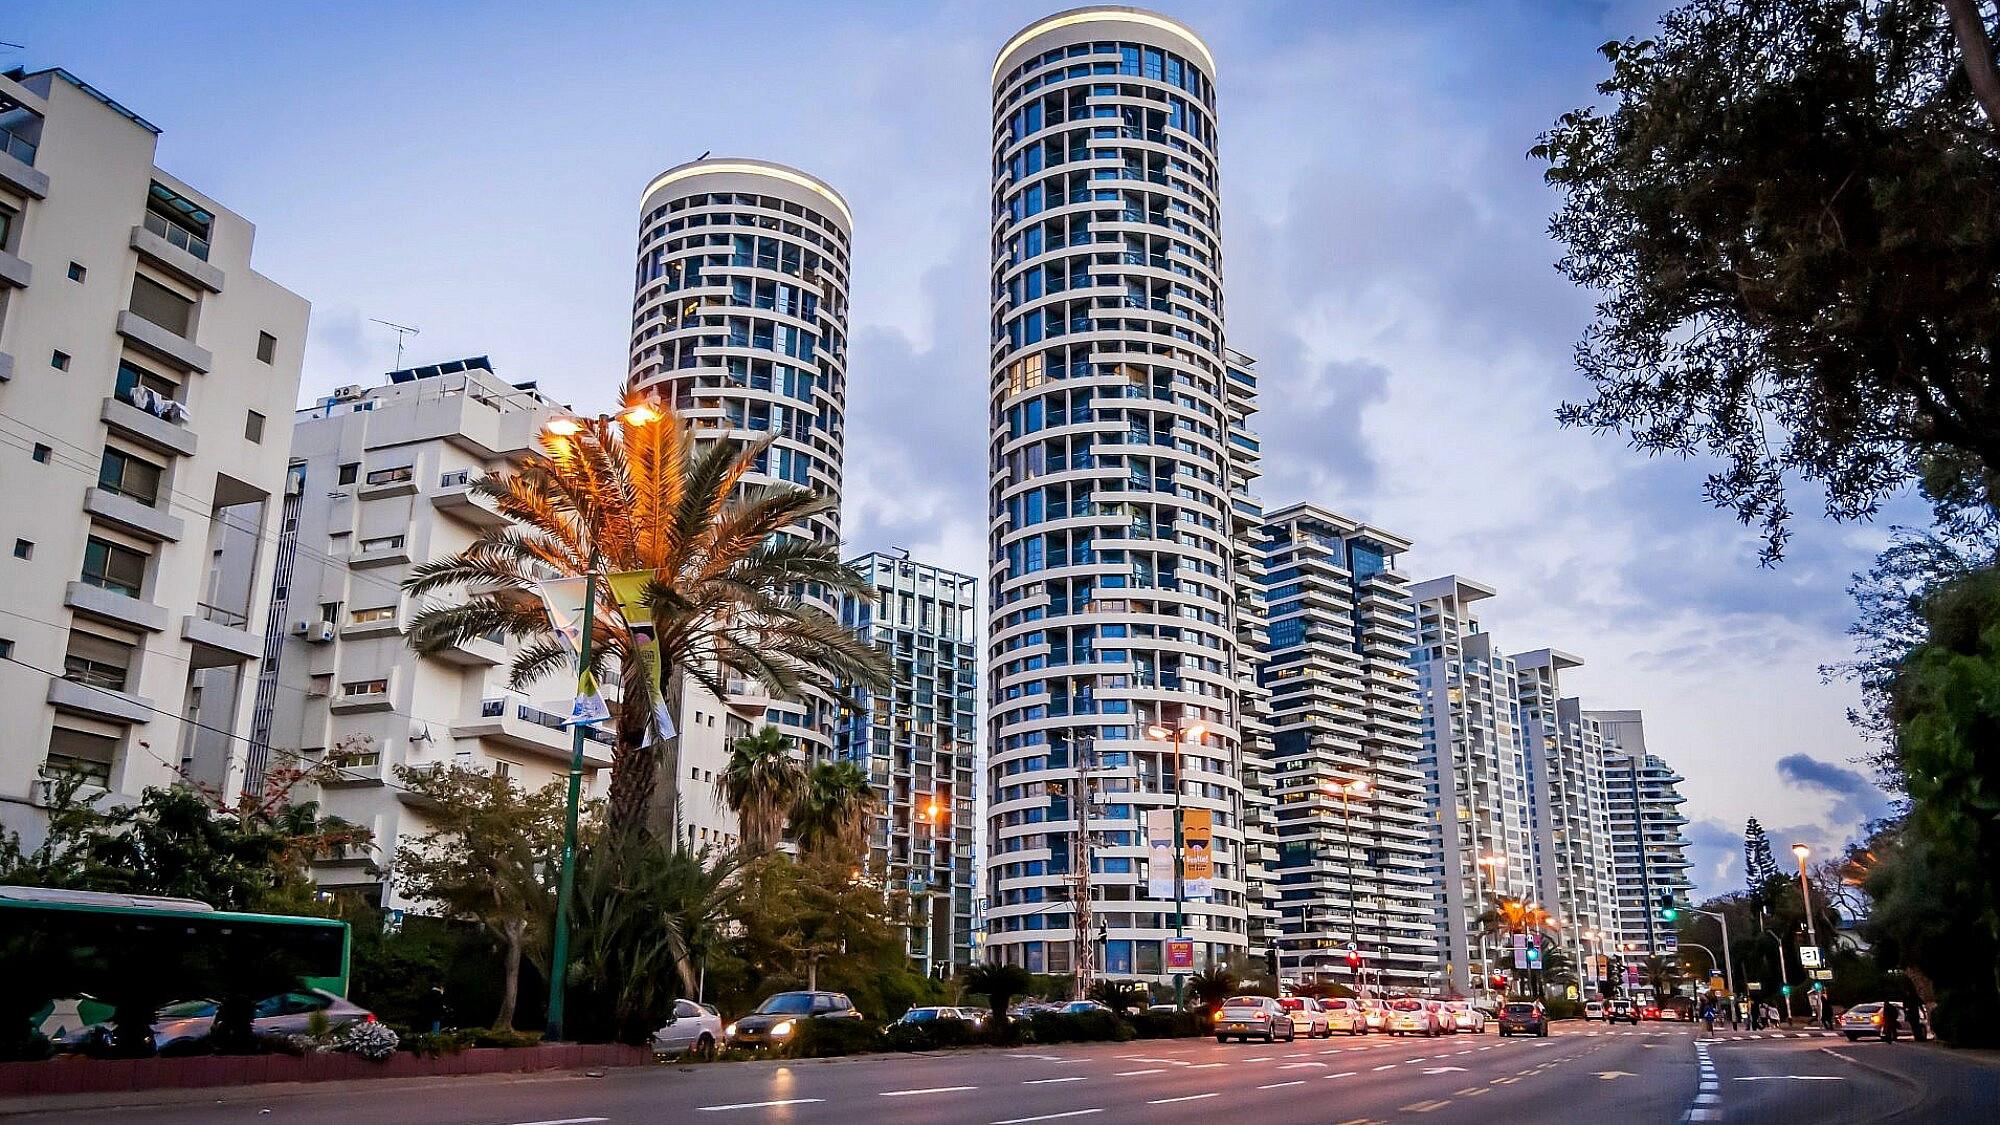 מגדלי yoo בתל אביב (צילום: Shutterstock)